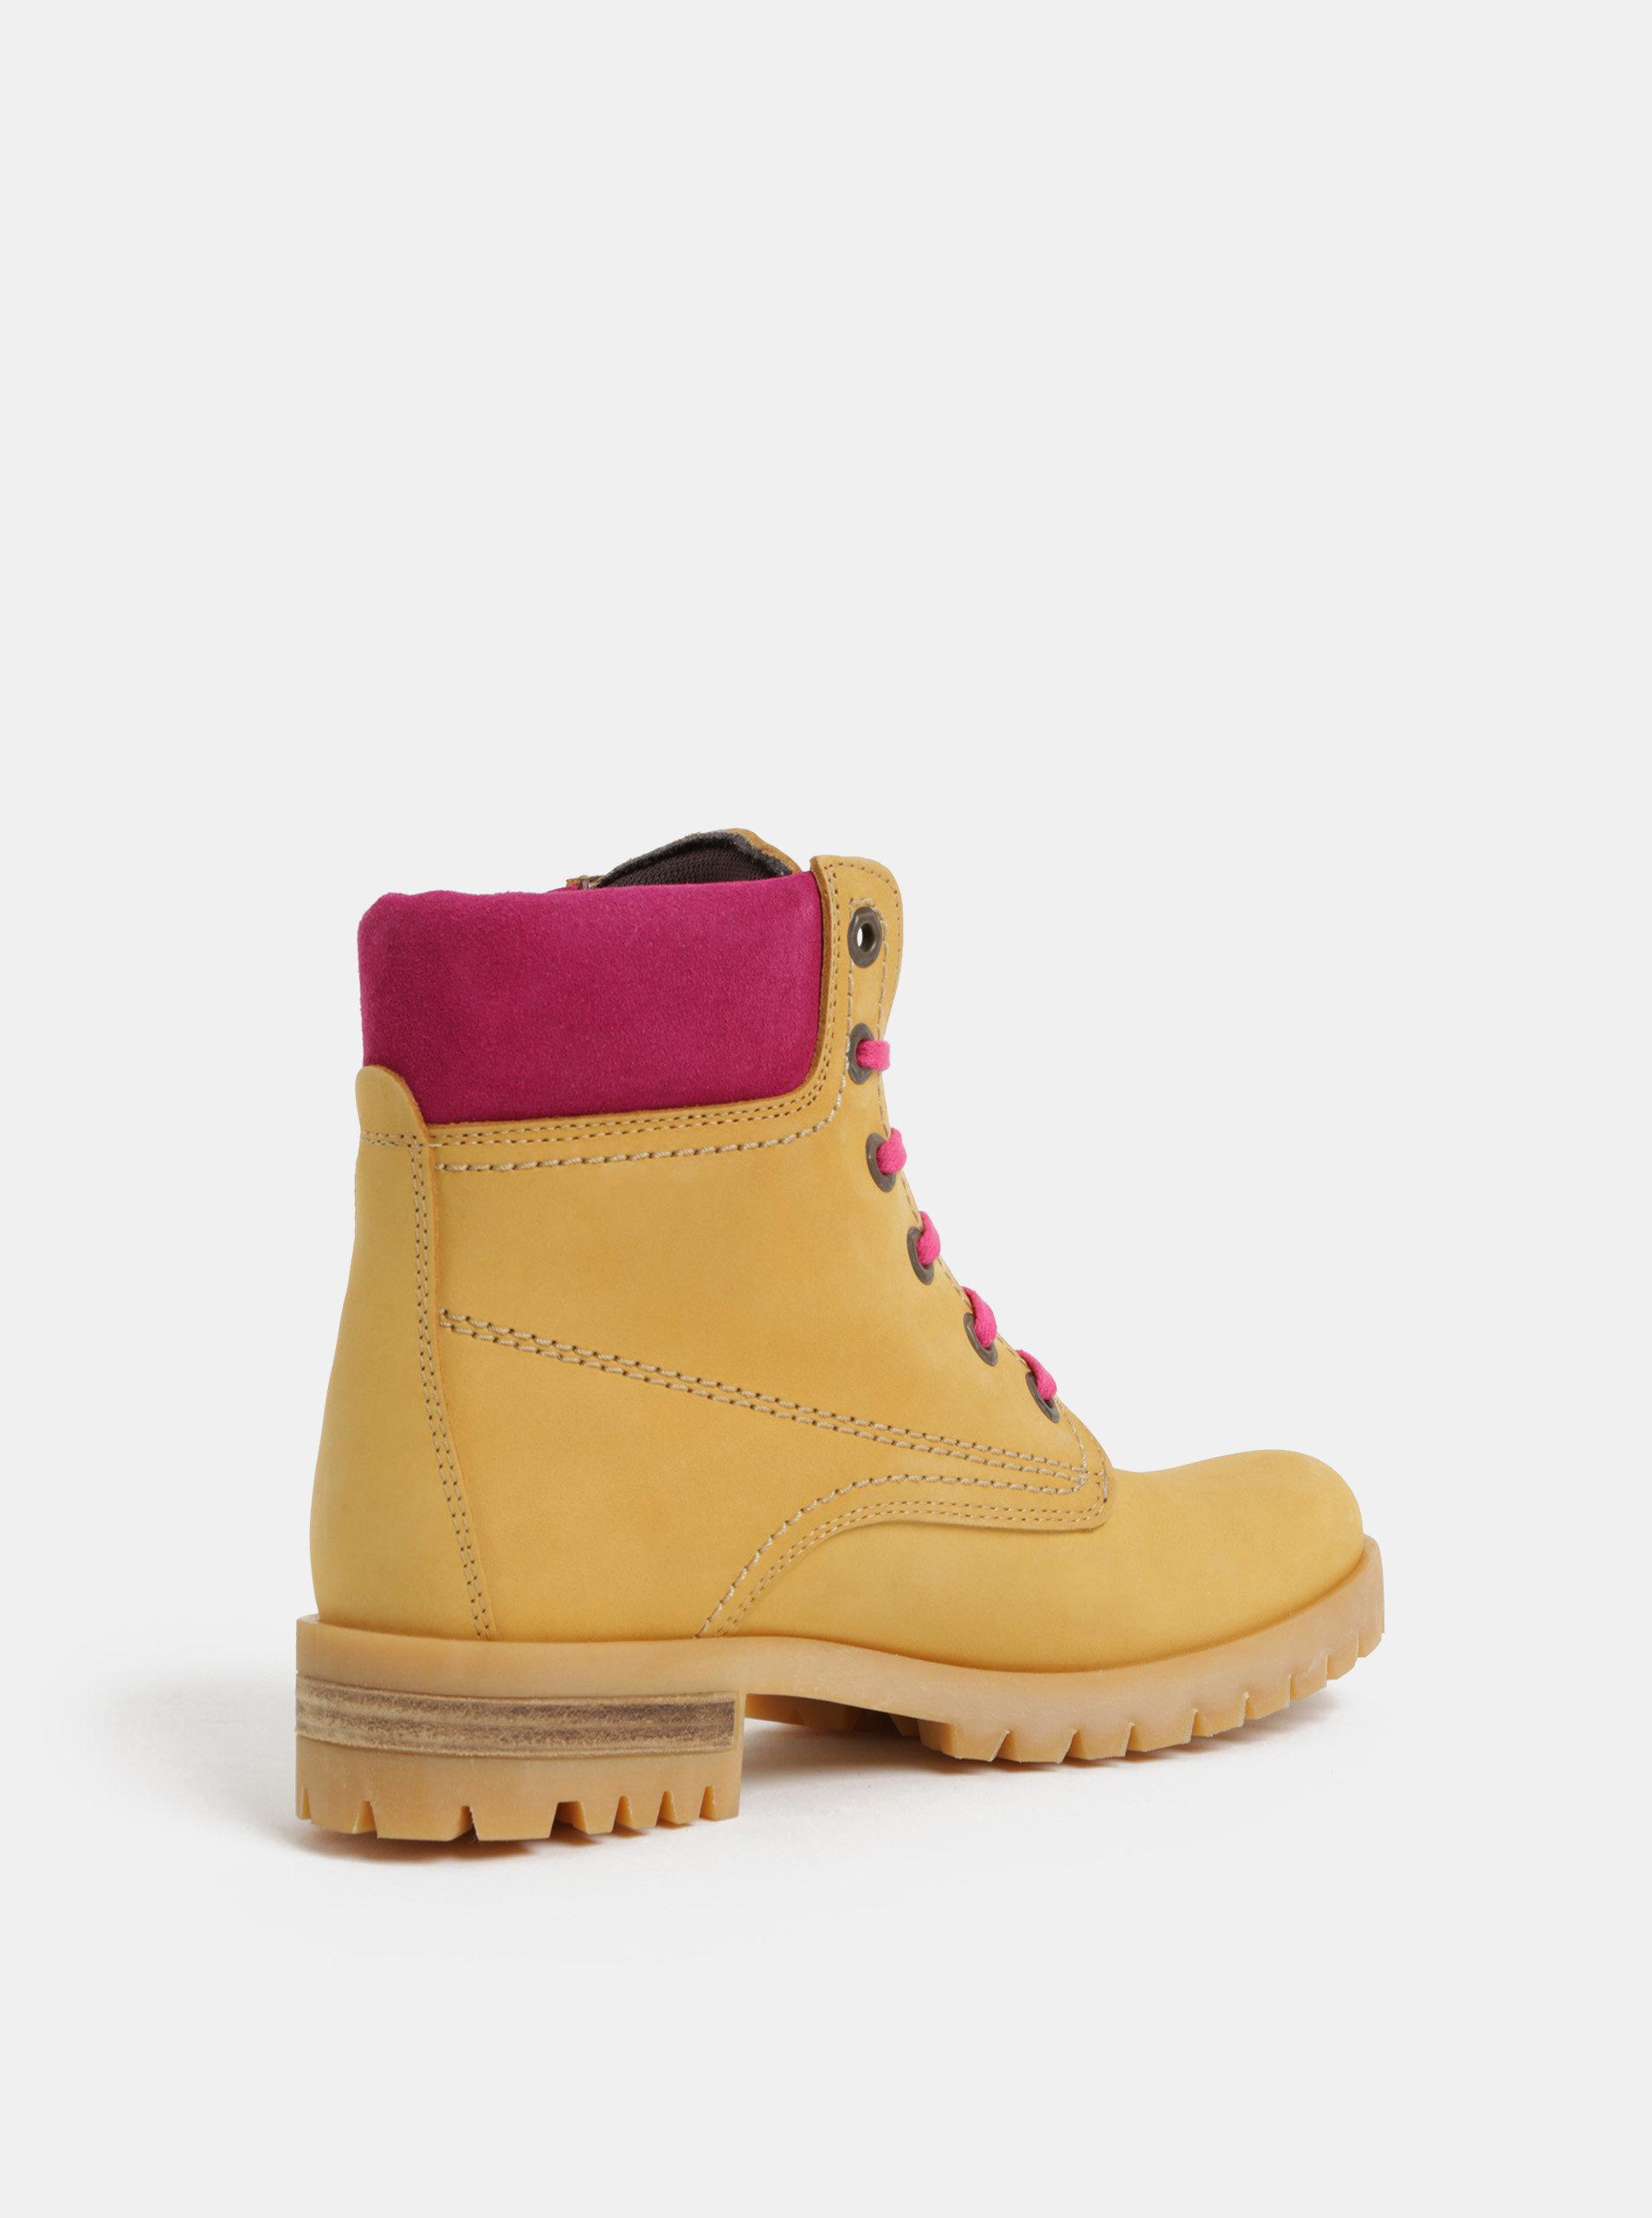 f437549d4ffa Ružovo–hnedé kožené členkové topánky so semišovými detailmi OJJU ...